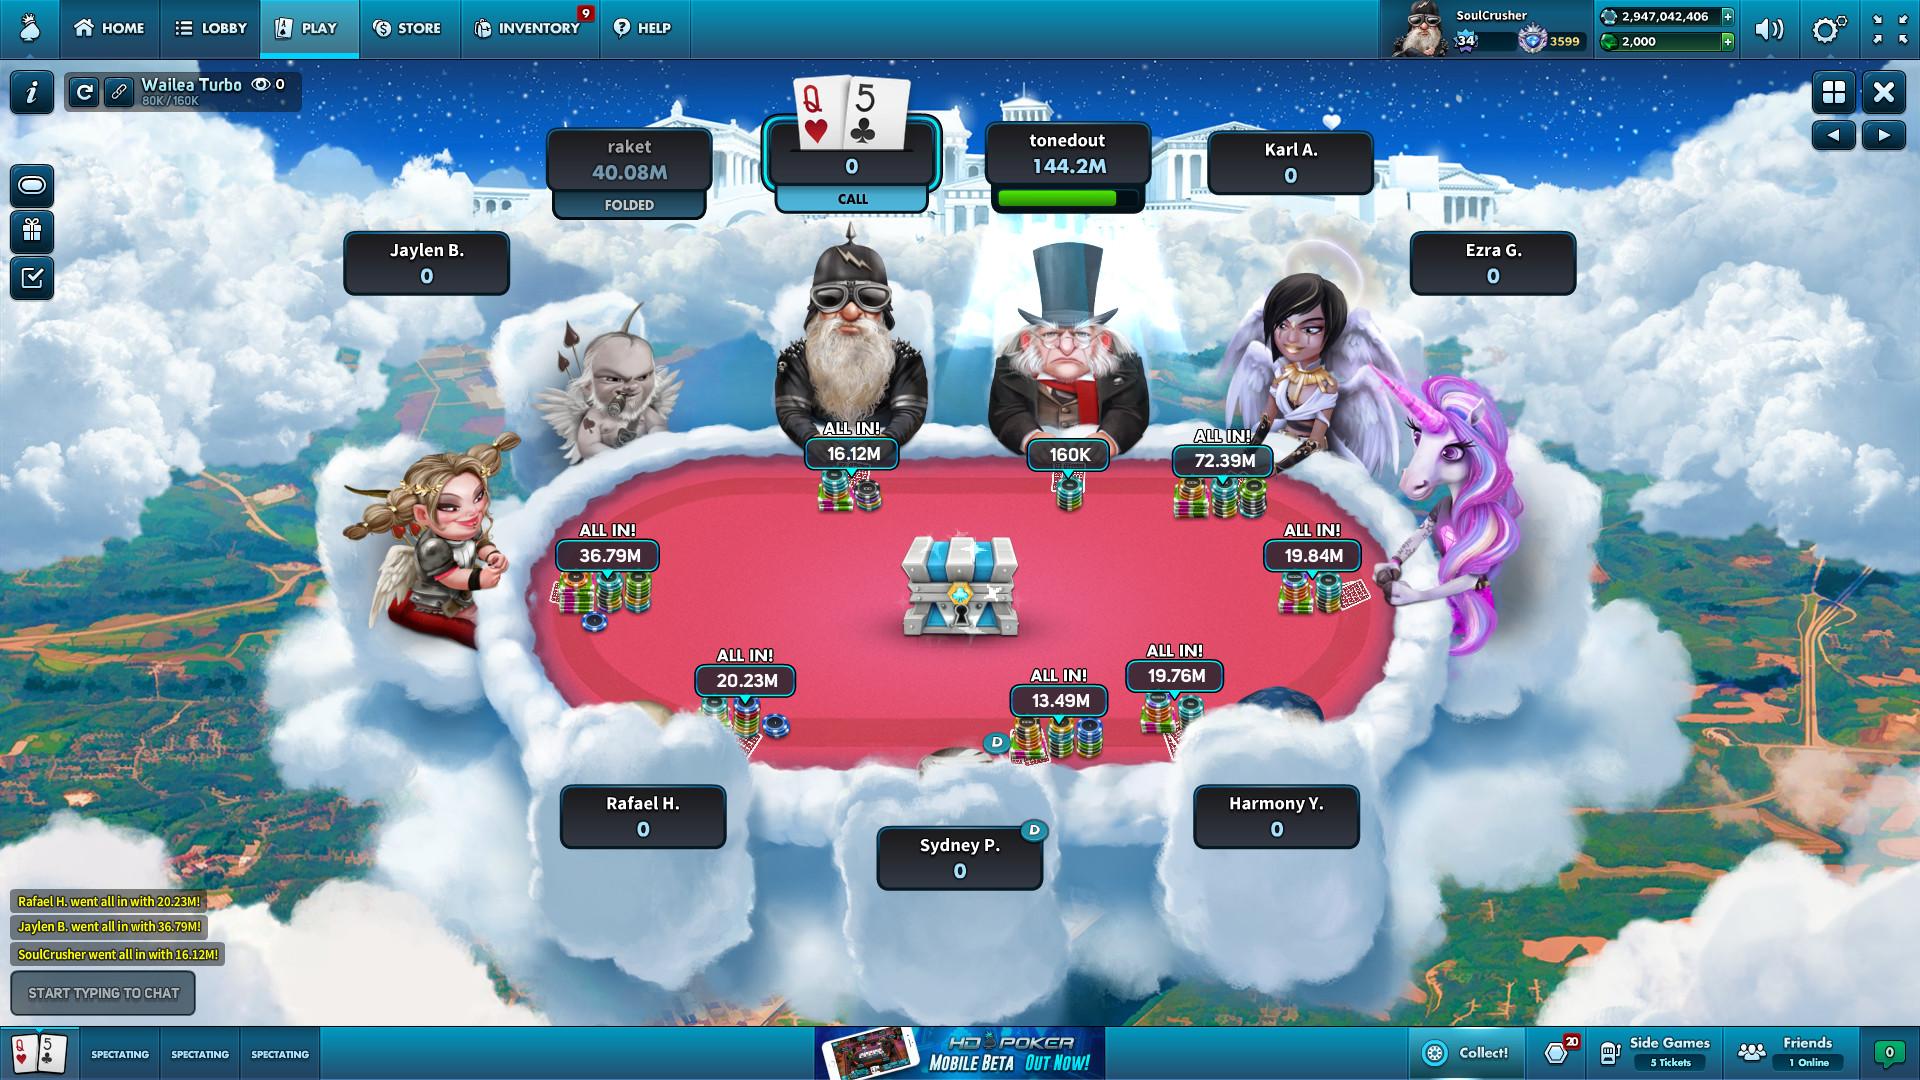 Играть покер онлайн hd casino online бесплатно